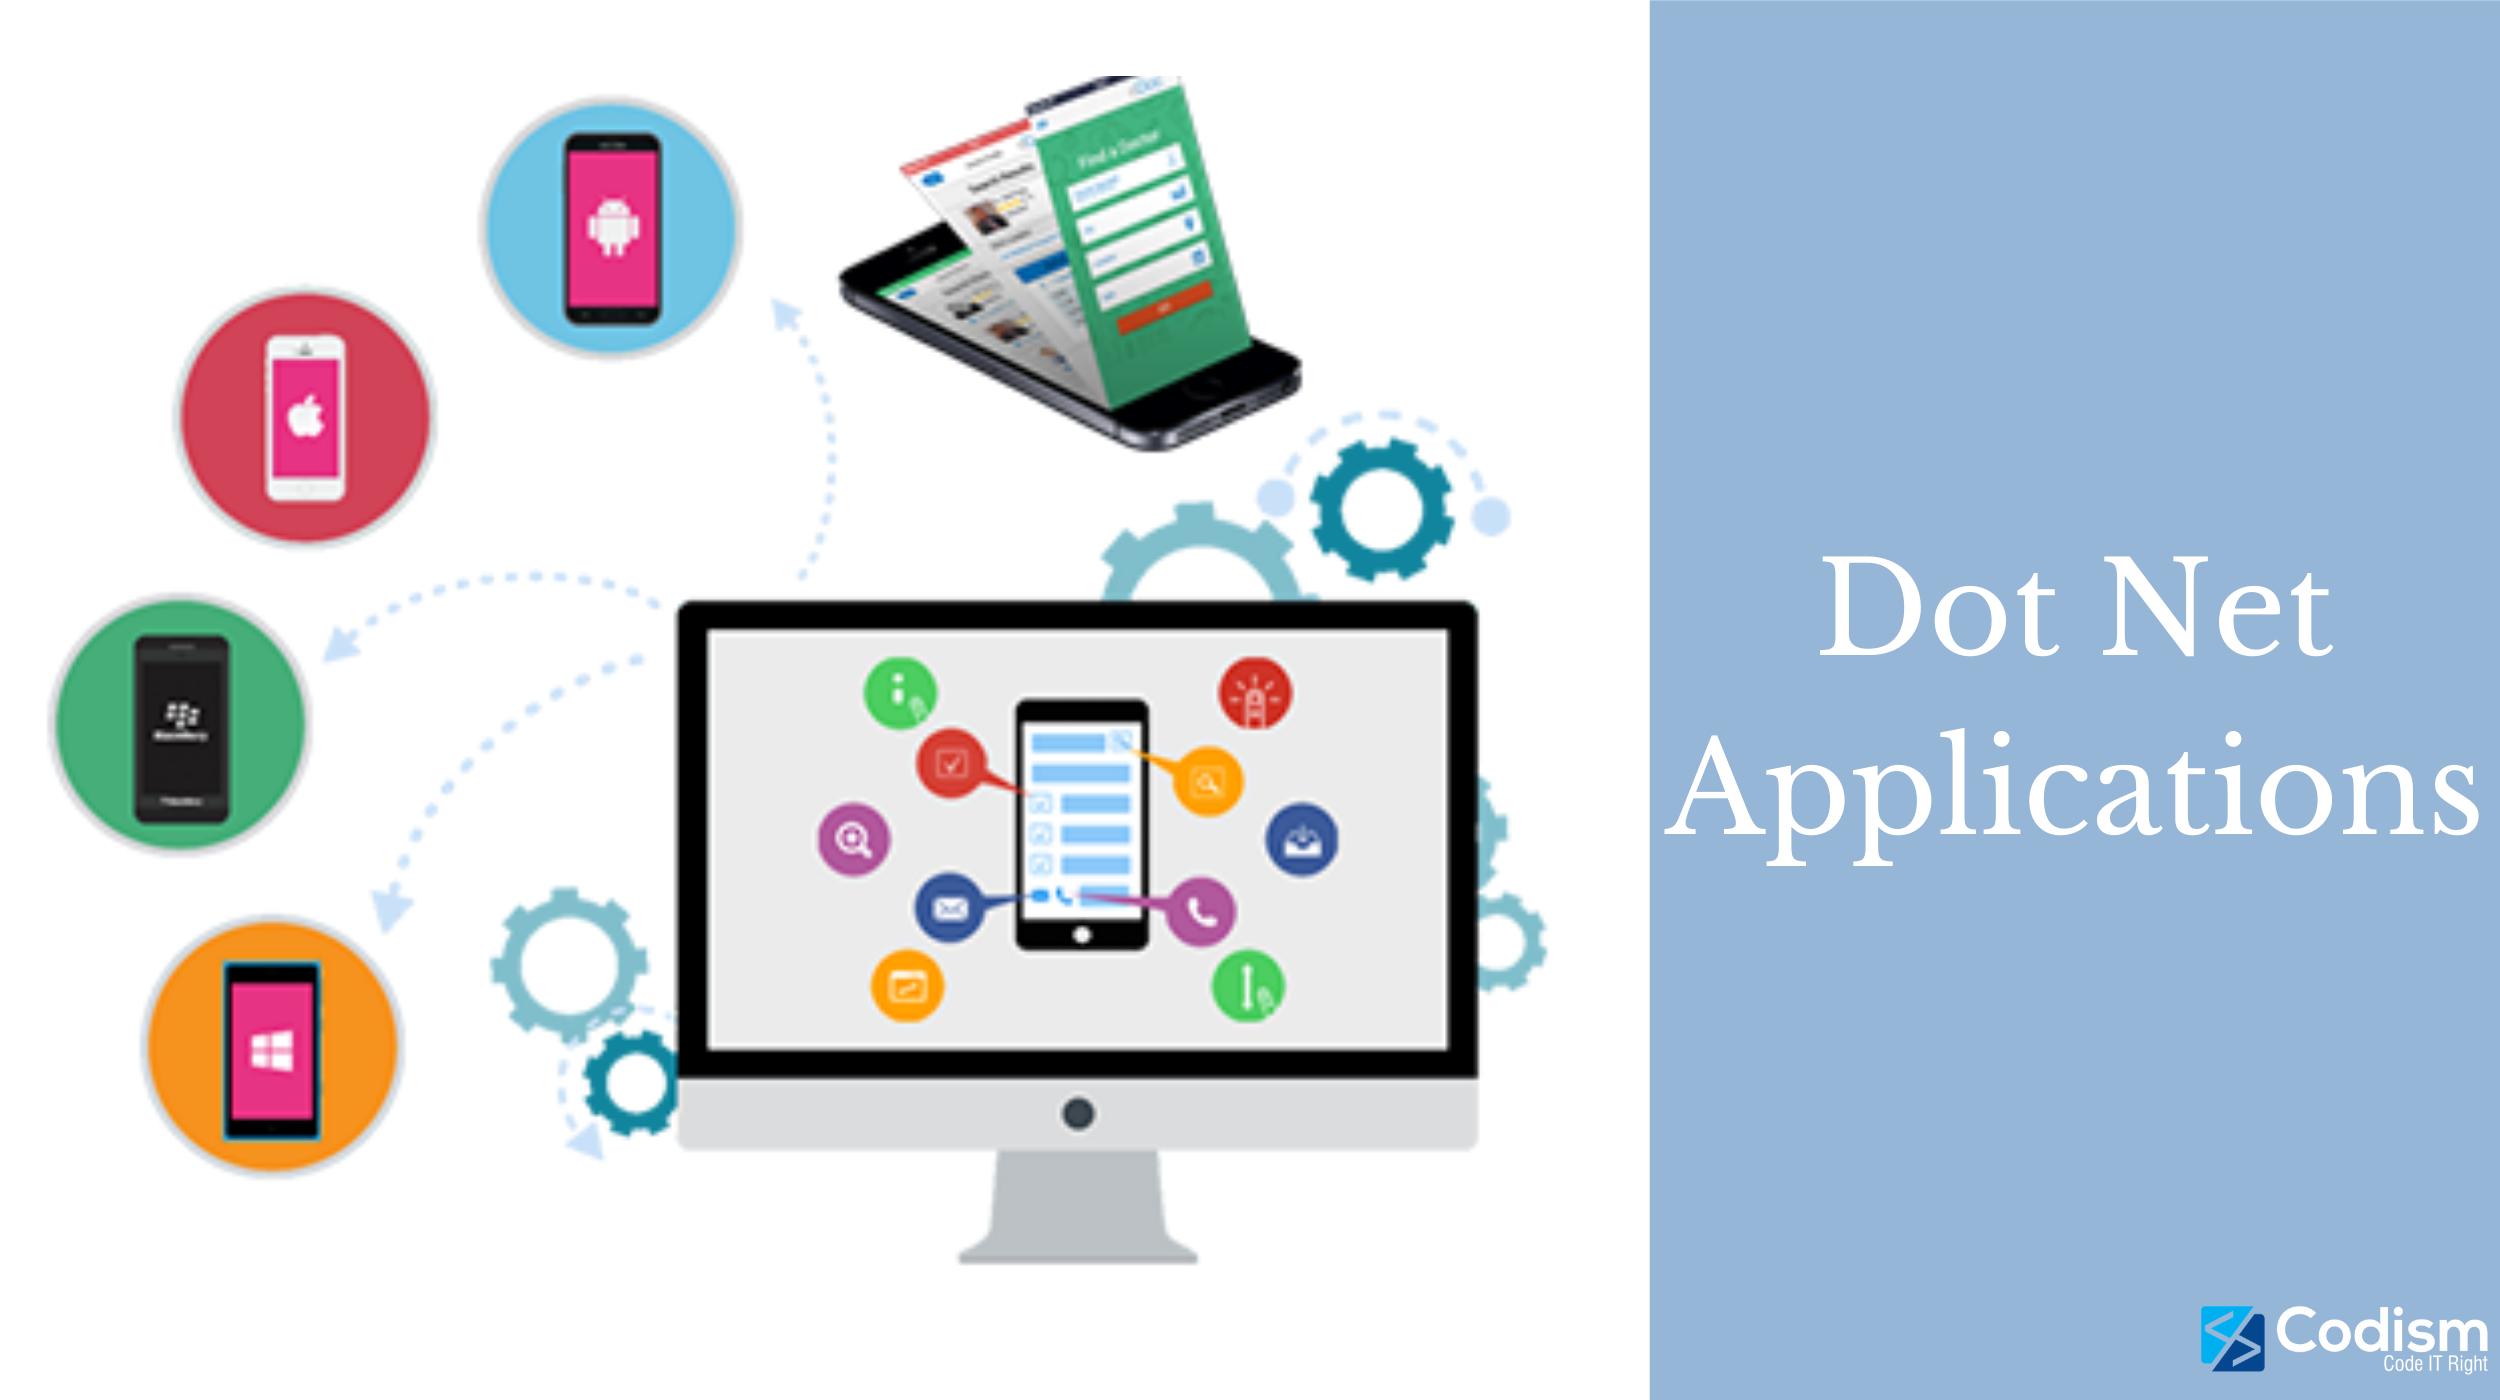 dot net applications